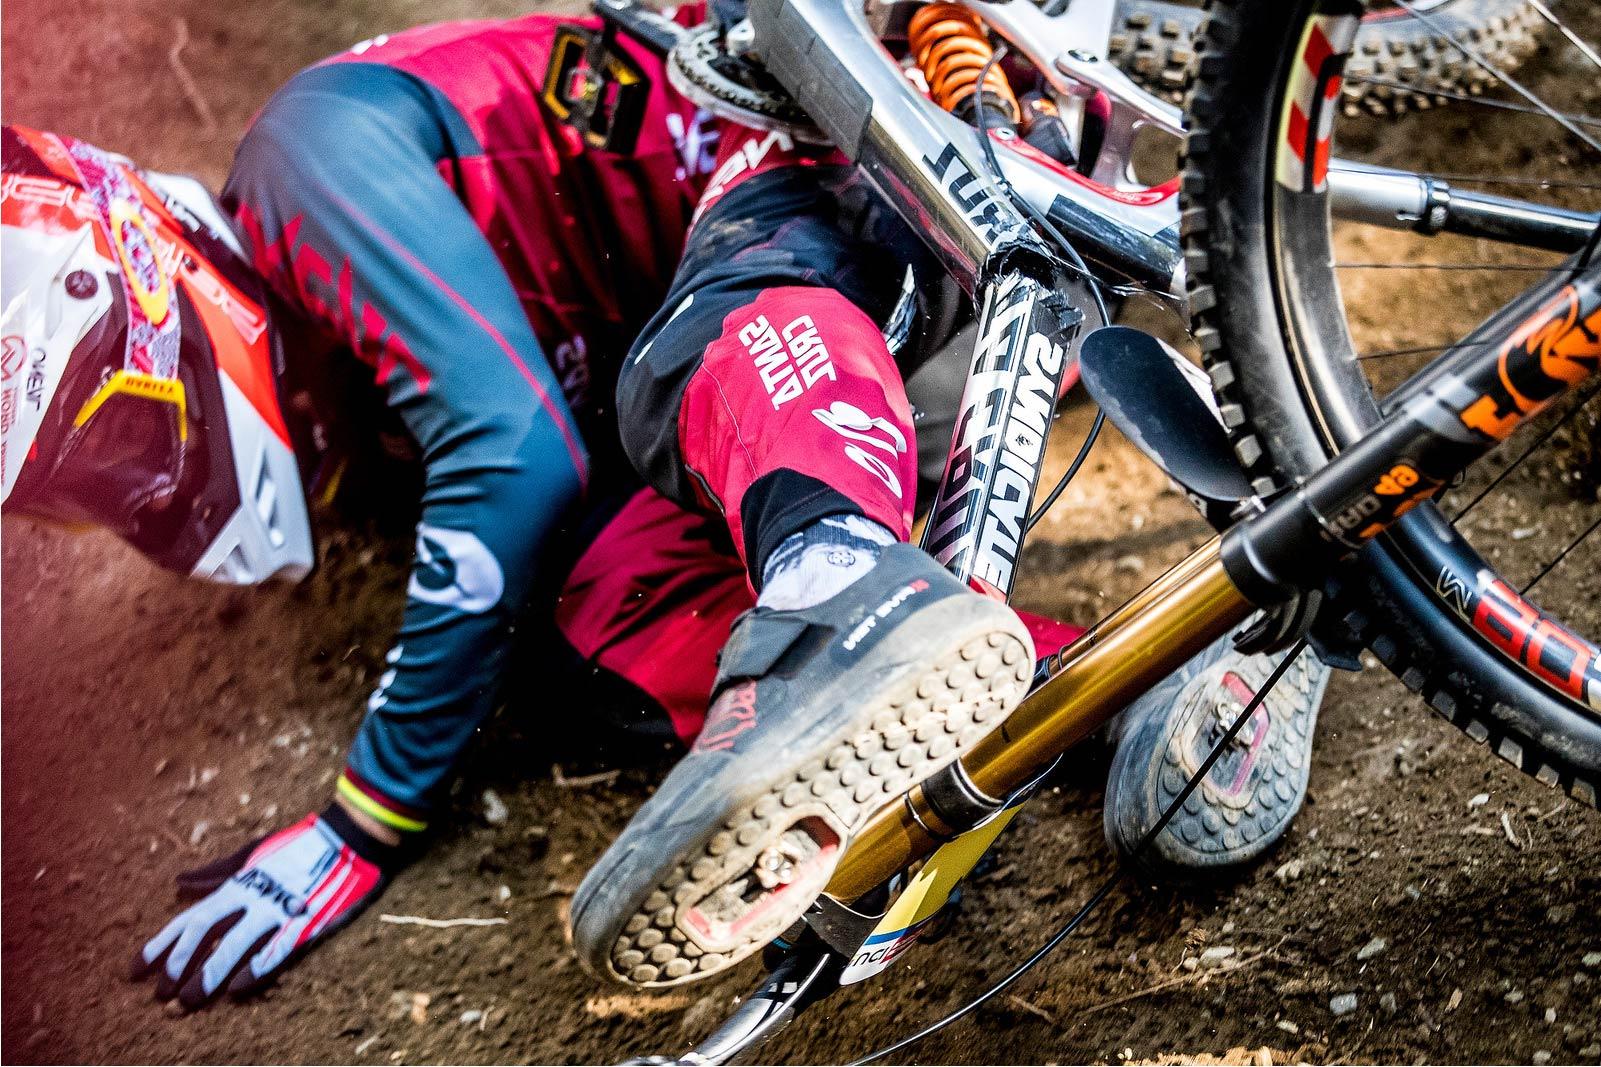 Carbon Bike Repair -